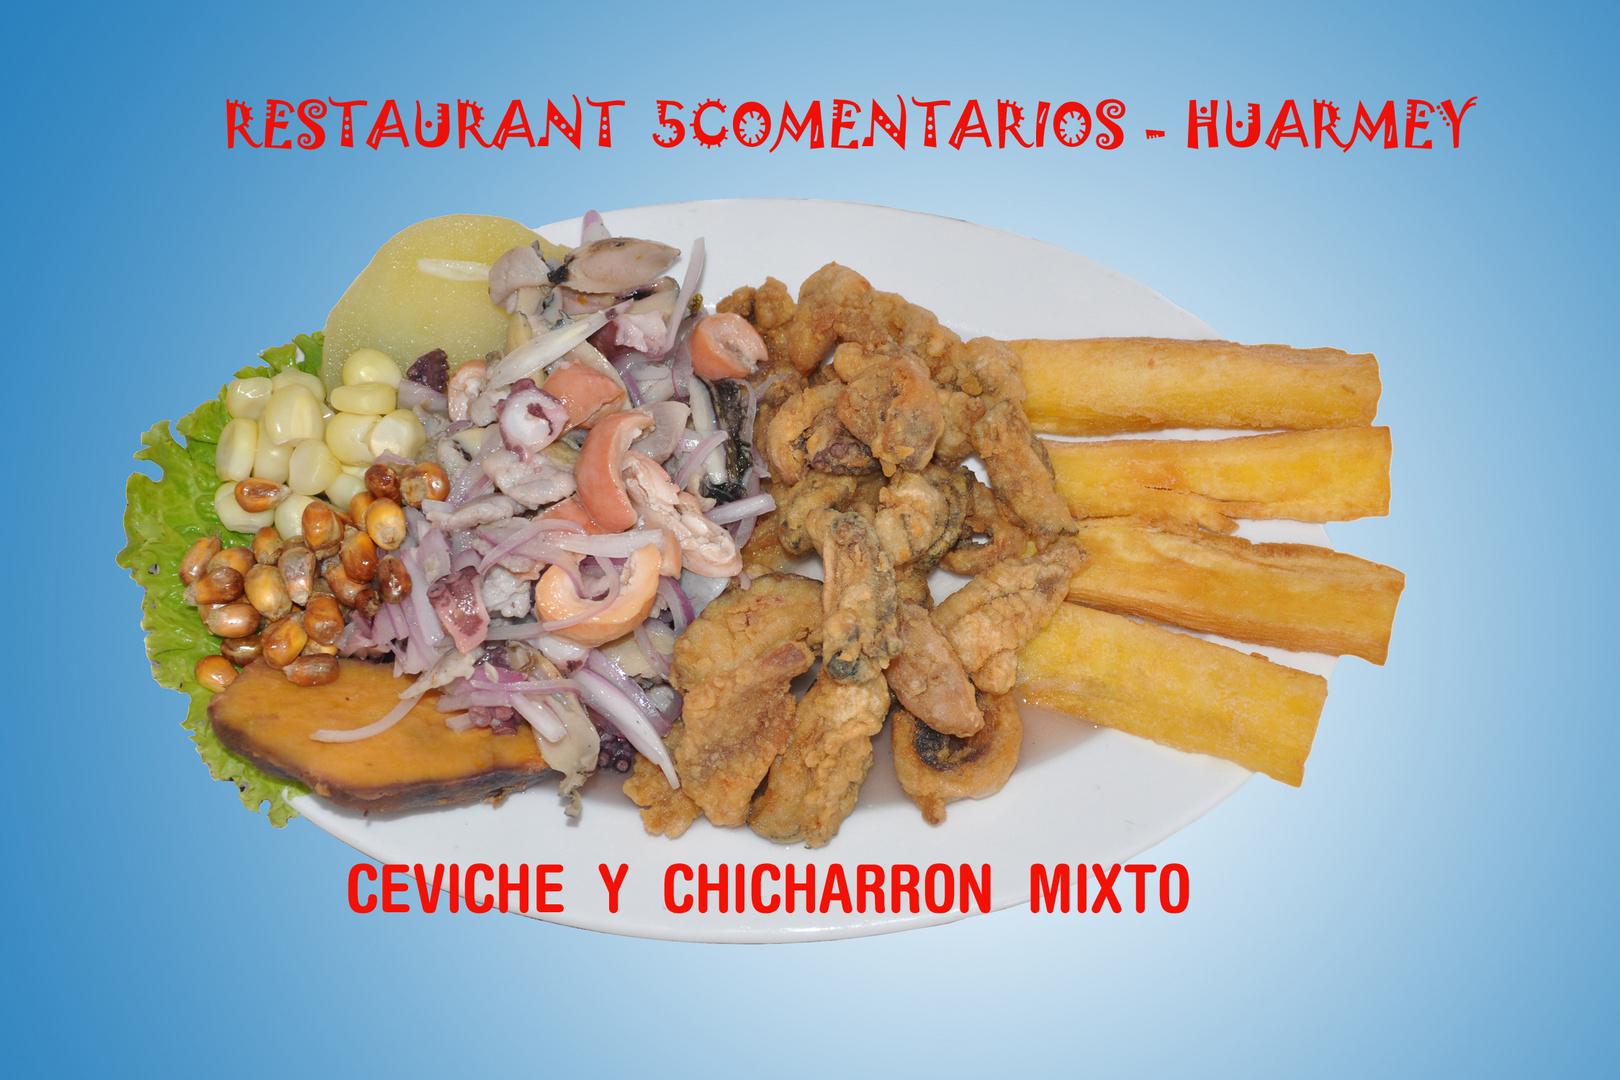 CEVICHE Y CHICHARRON MIXTO